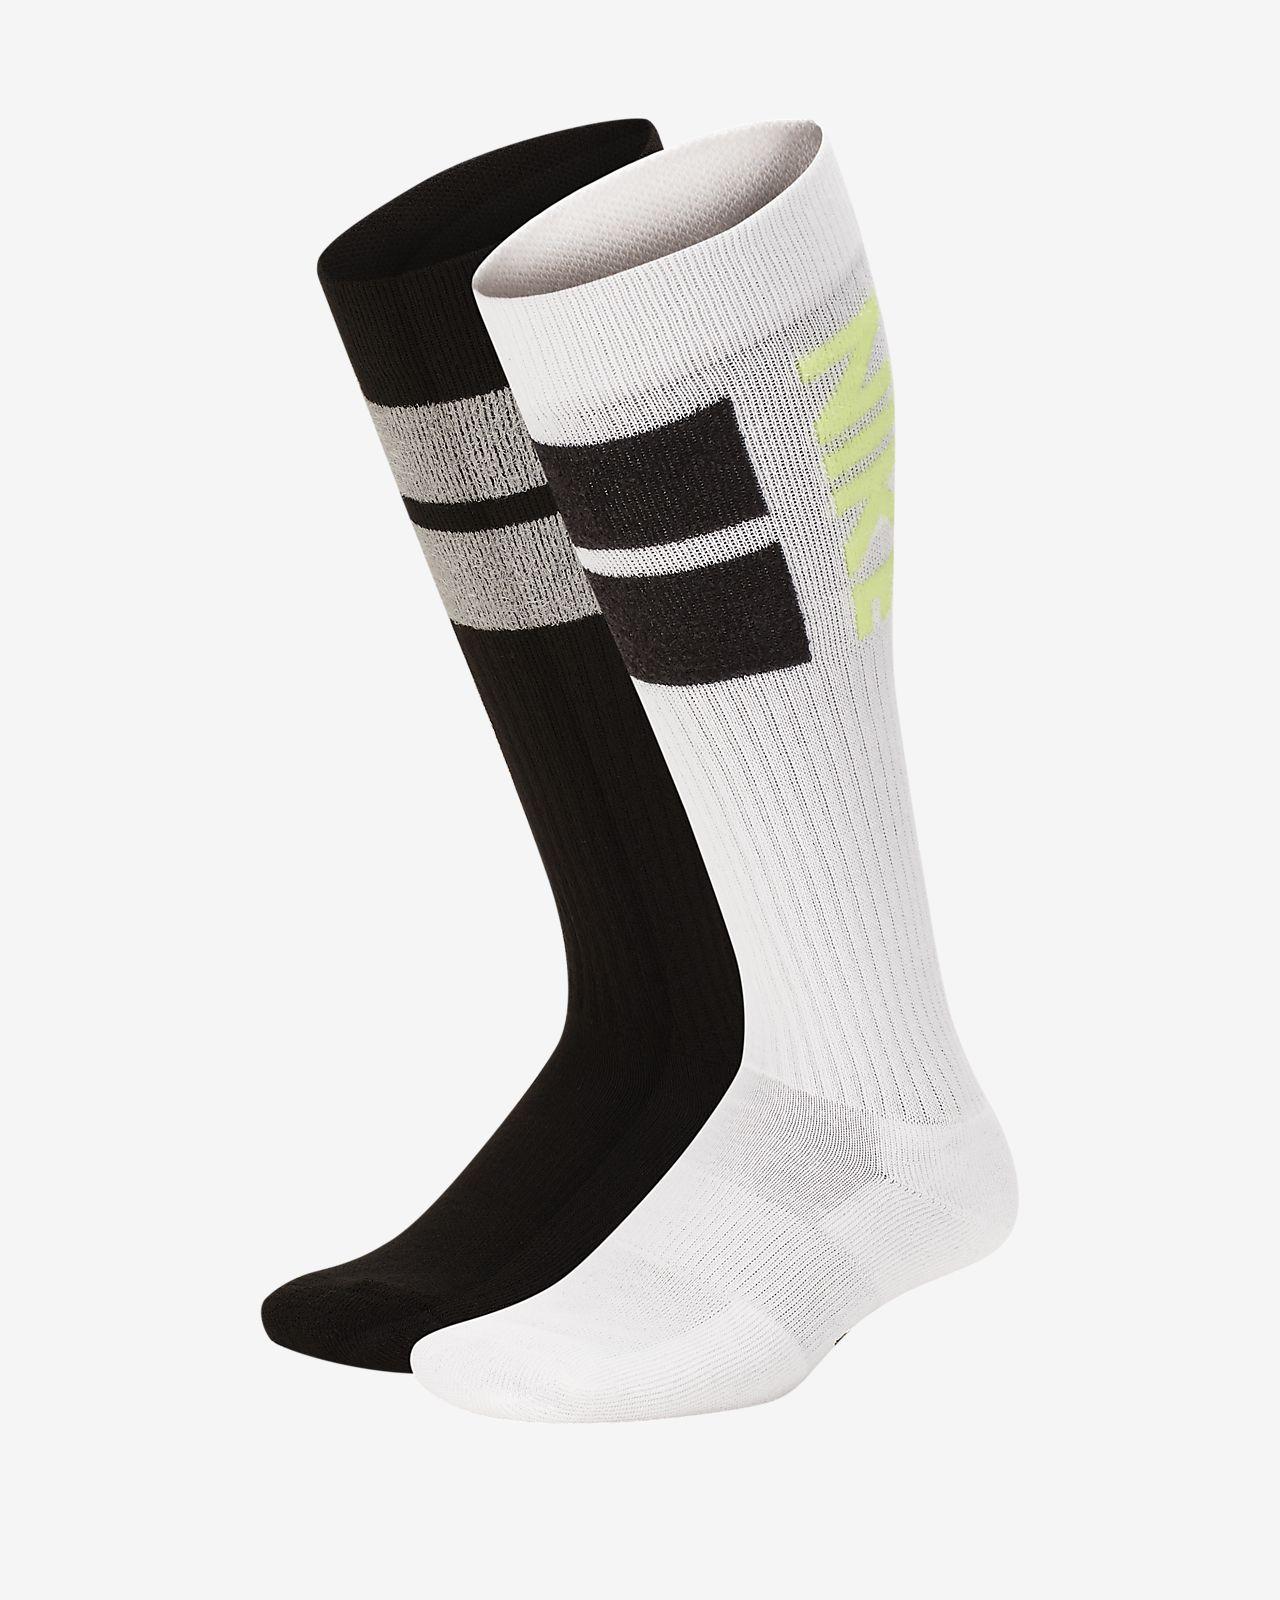 Nike Swoosh Cushioned Over-the-Calf 儿童运动童袜(2 双)